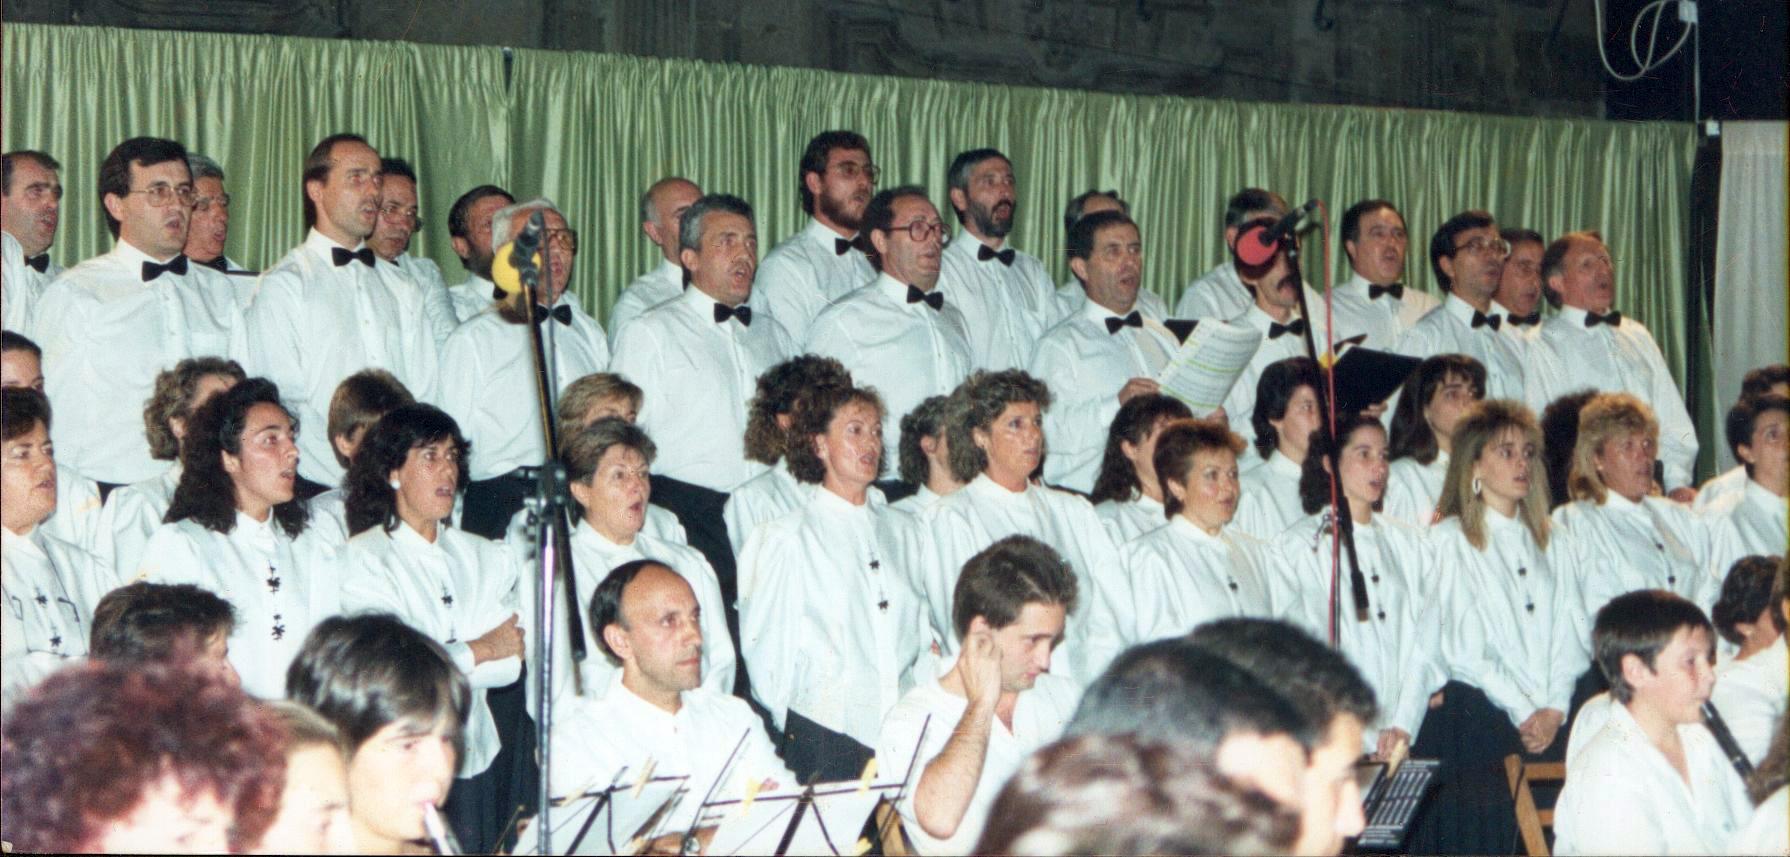 Ereintza 1989